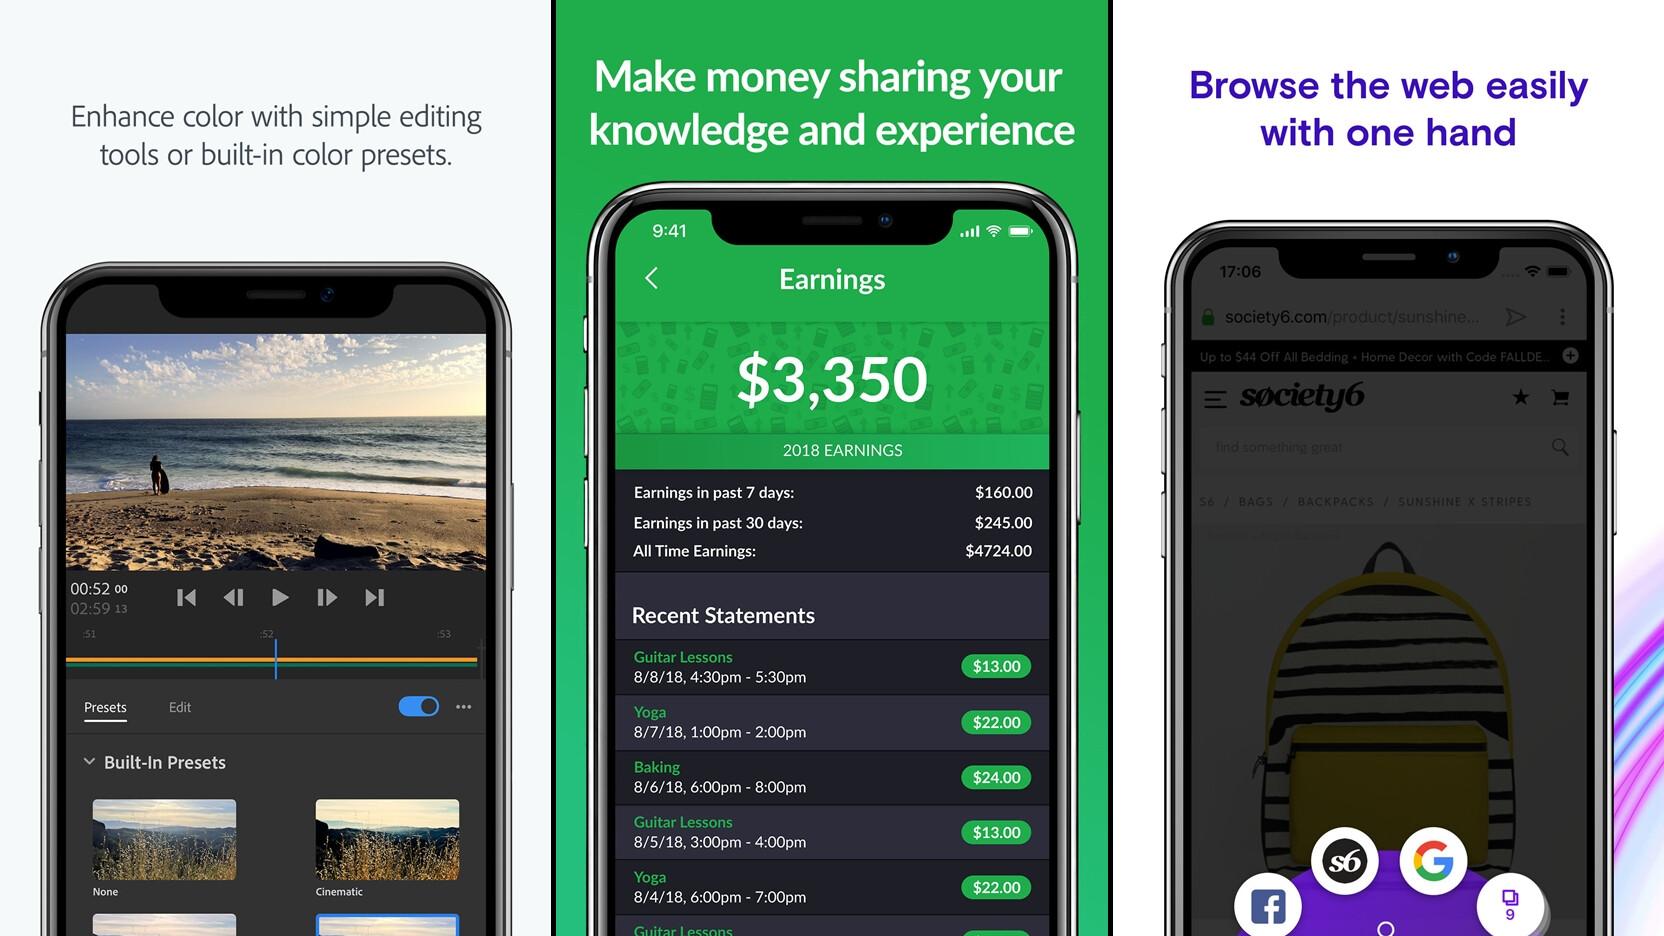 Die Besten Neuen Apps Für Iphone Und Android November 2018